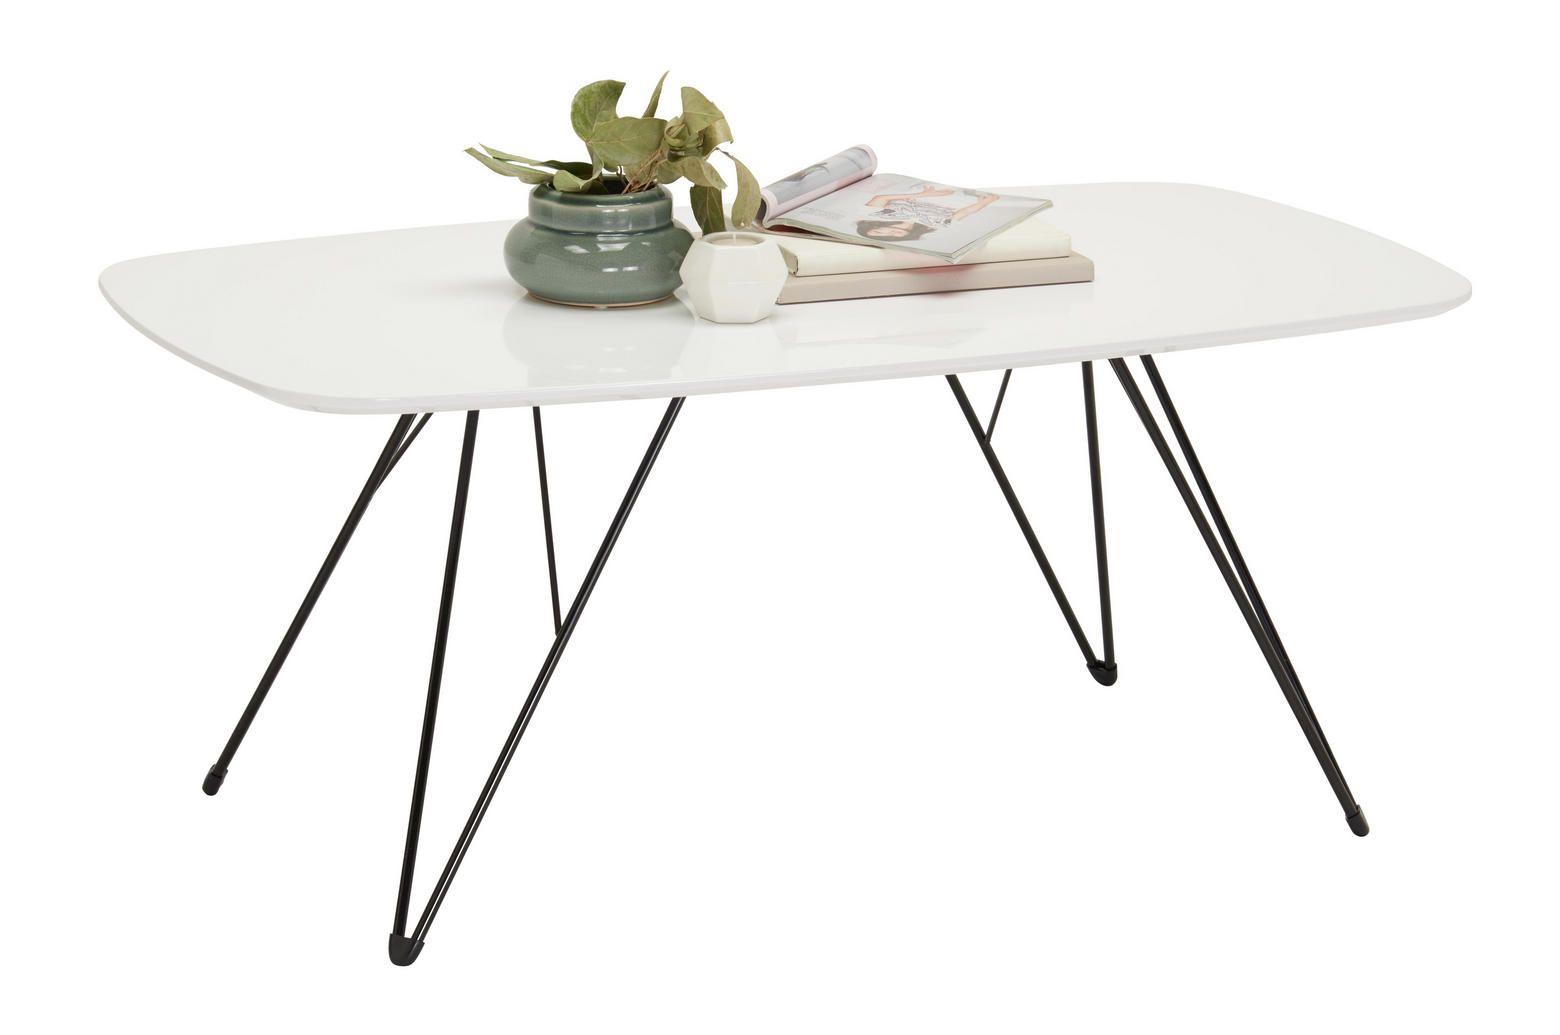 Couchtisch Weiss Mit Schwarzen Metall Fussen Couchtische Tisch